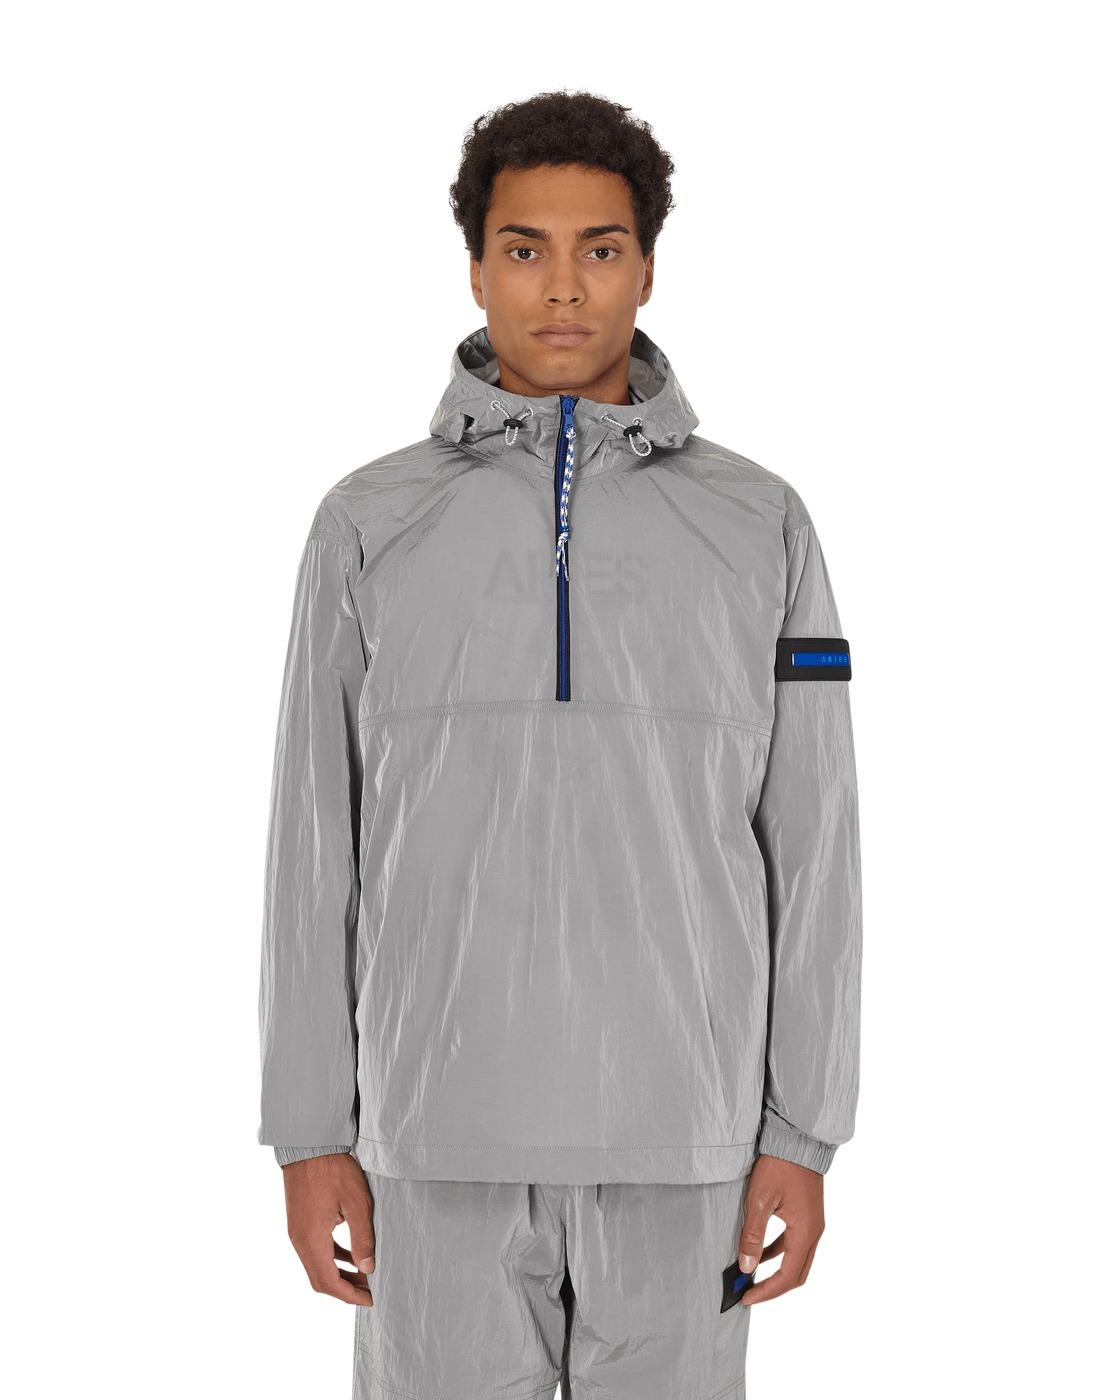 Aries Windbreaker Half Zip Jacket Grey